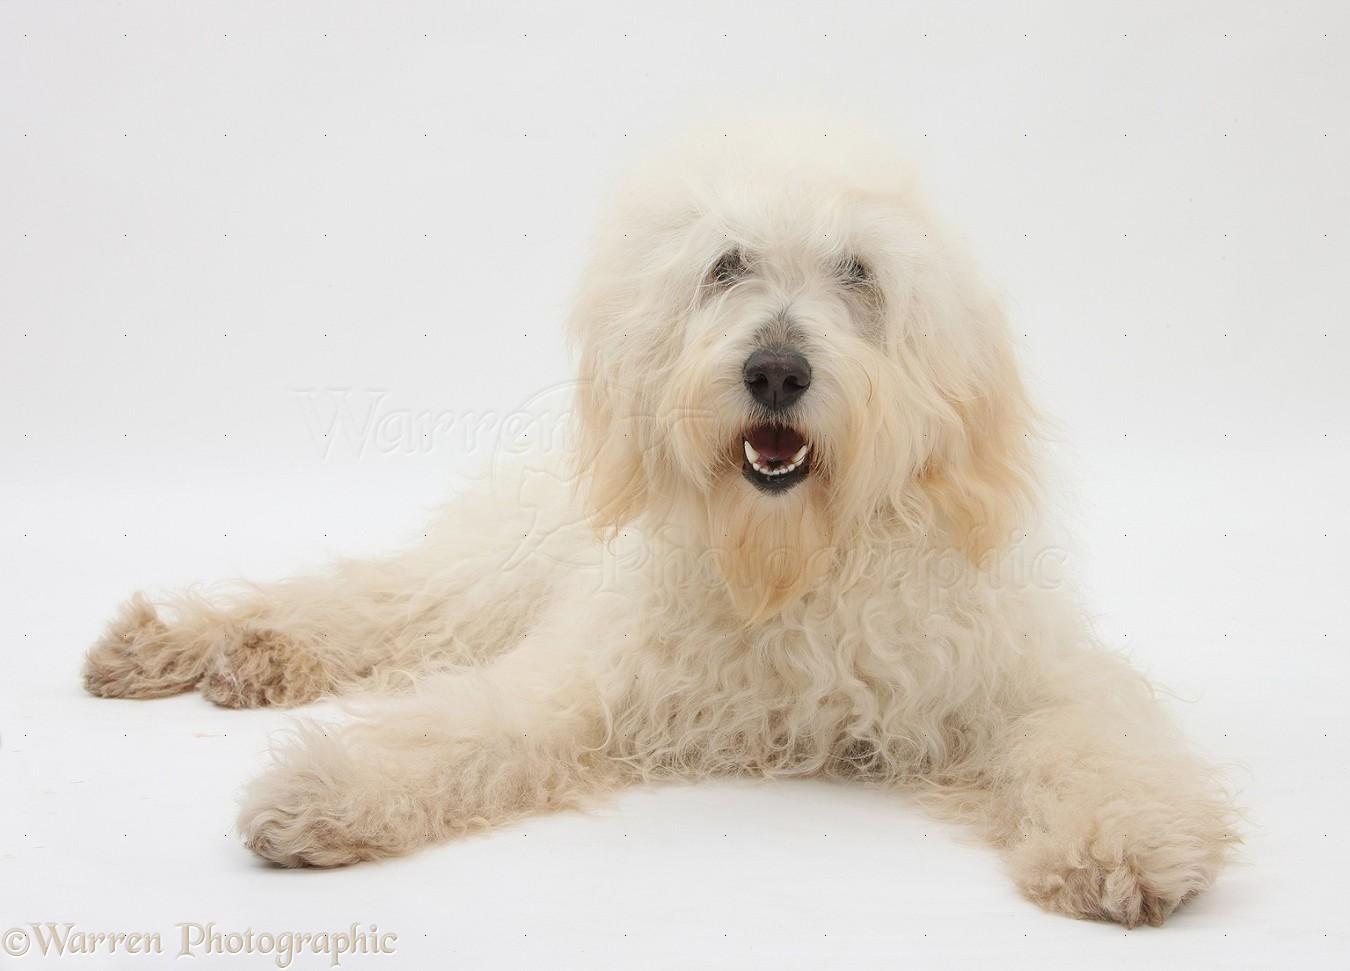 Dog White Labradoodle Bitch Photo Wp21650